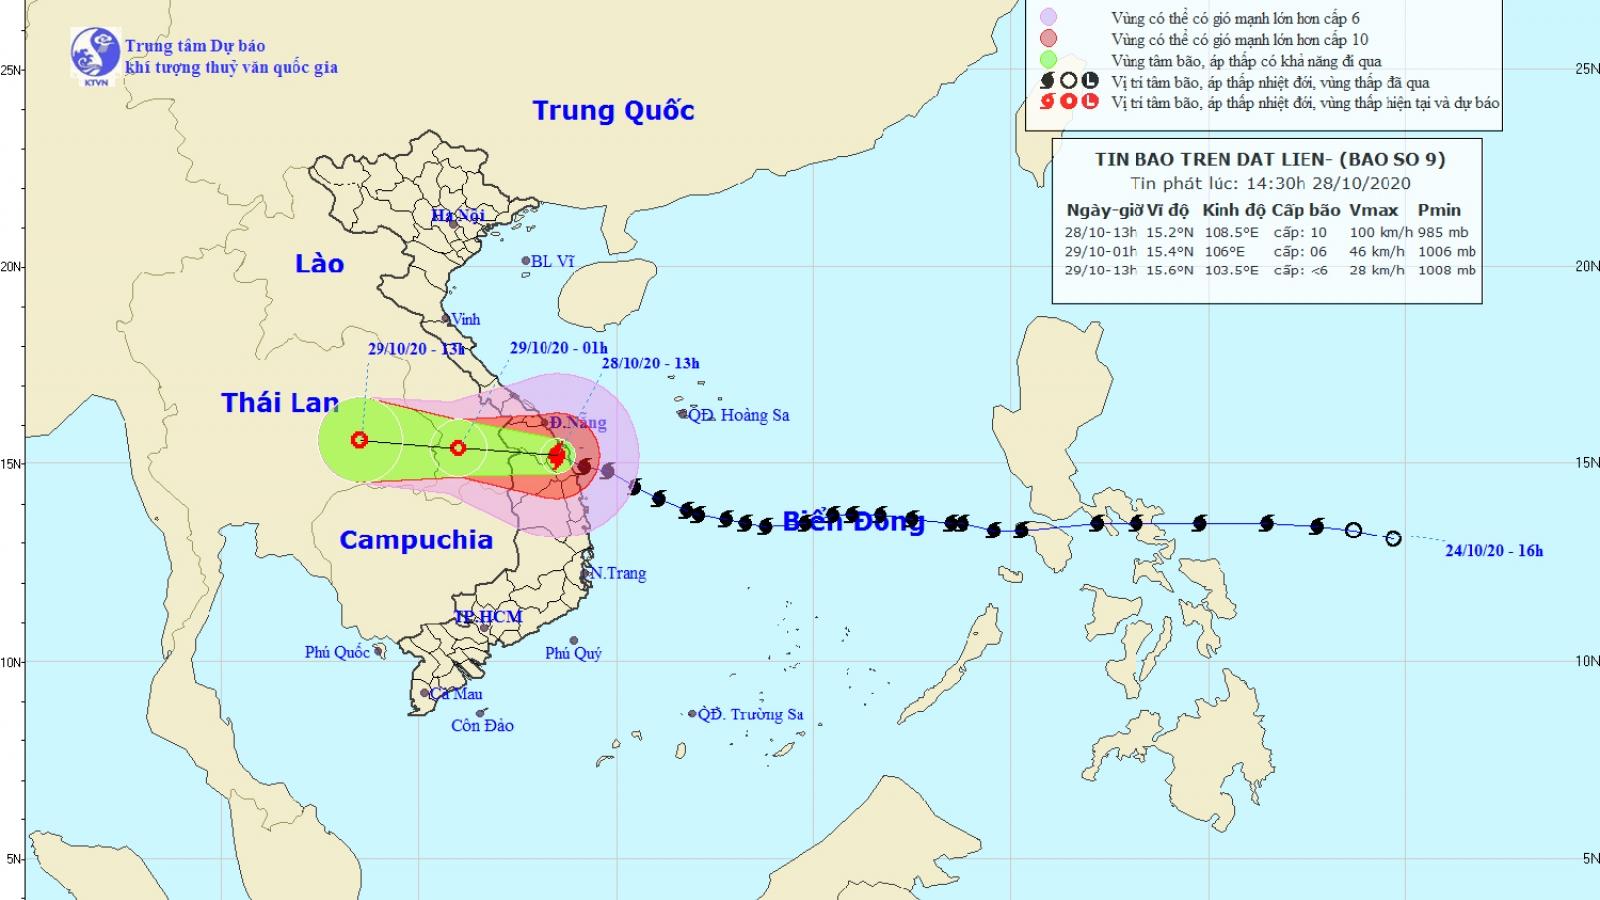 Bão số 9 gây mưa to từ Thừa Thiên Huế đến Phú Yên và Bắc Tây Nguyên